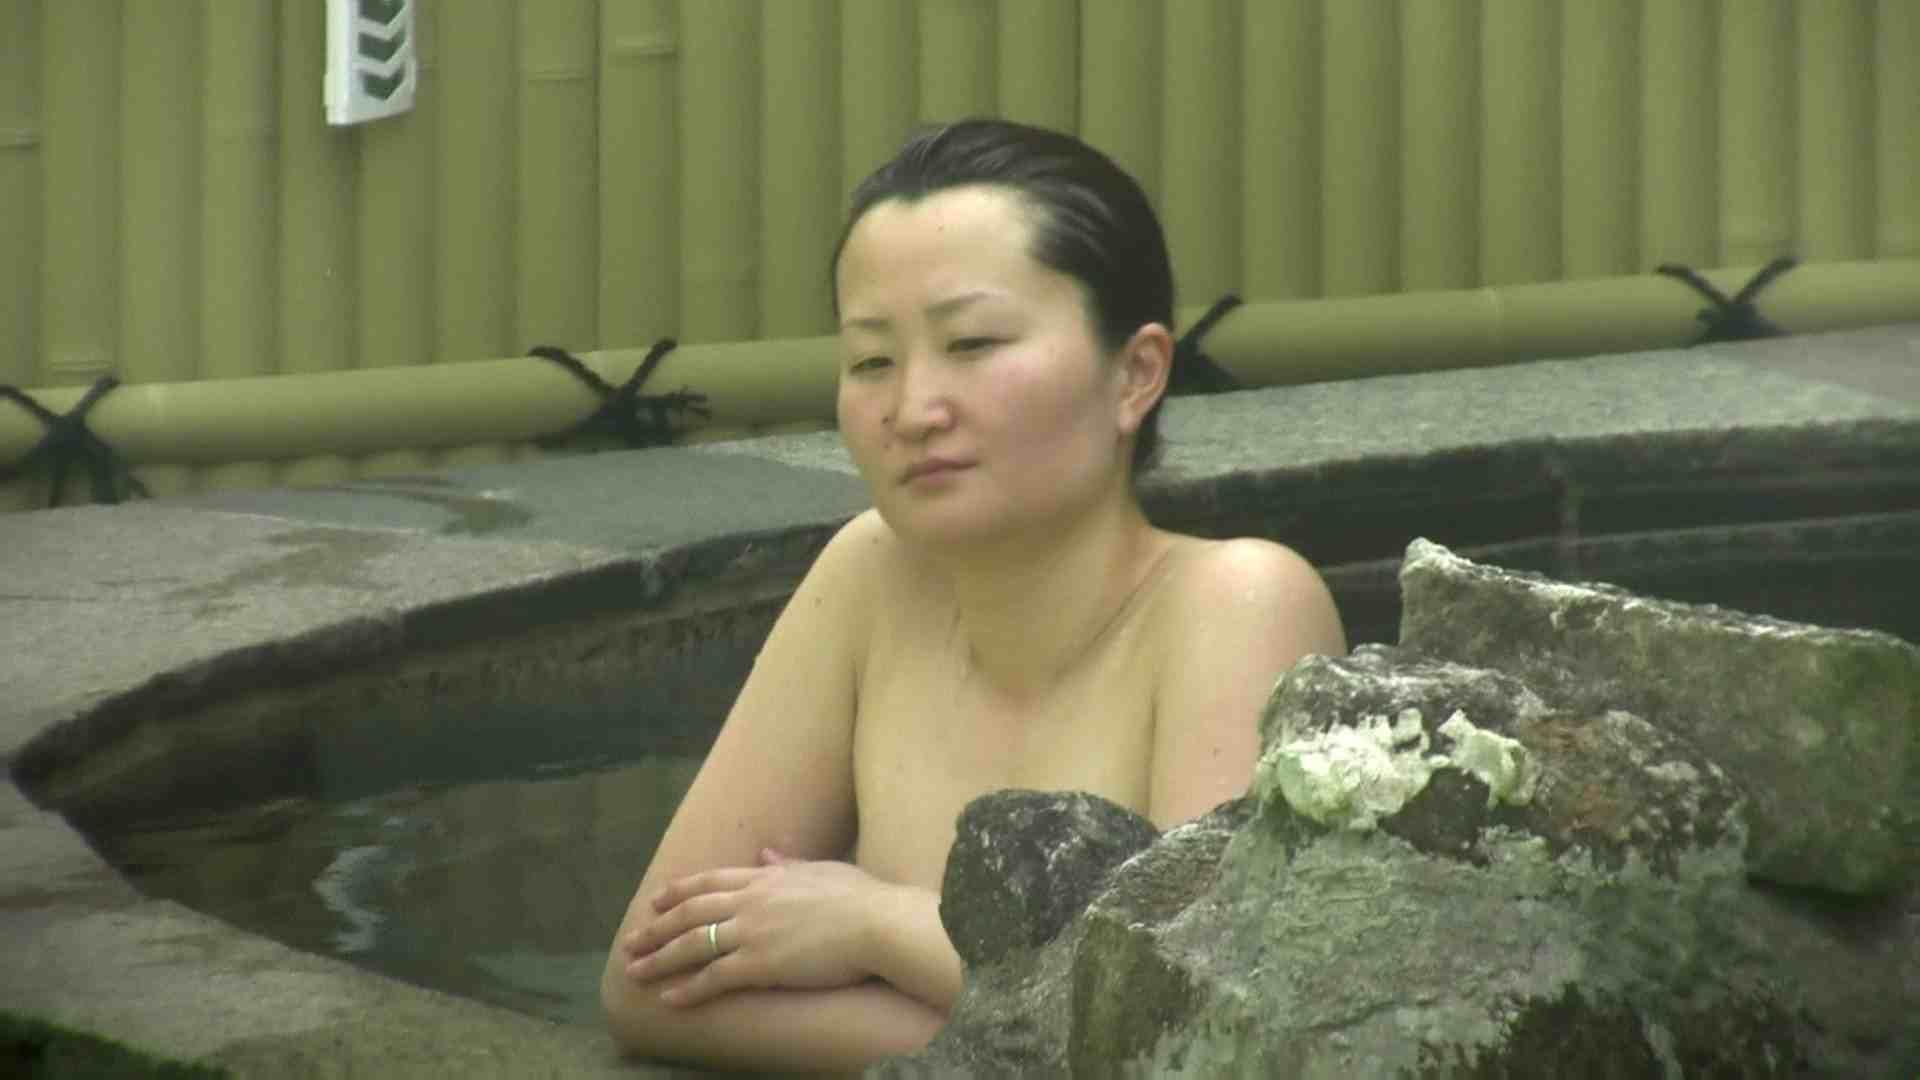 Aquaな露天風呂Vol.632 盗撮  70画像 15